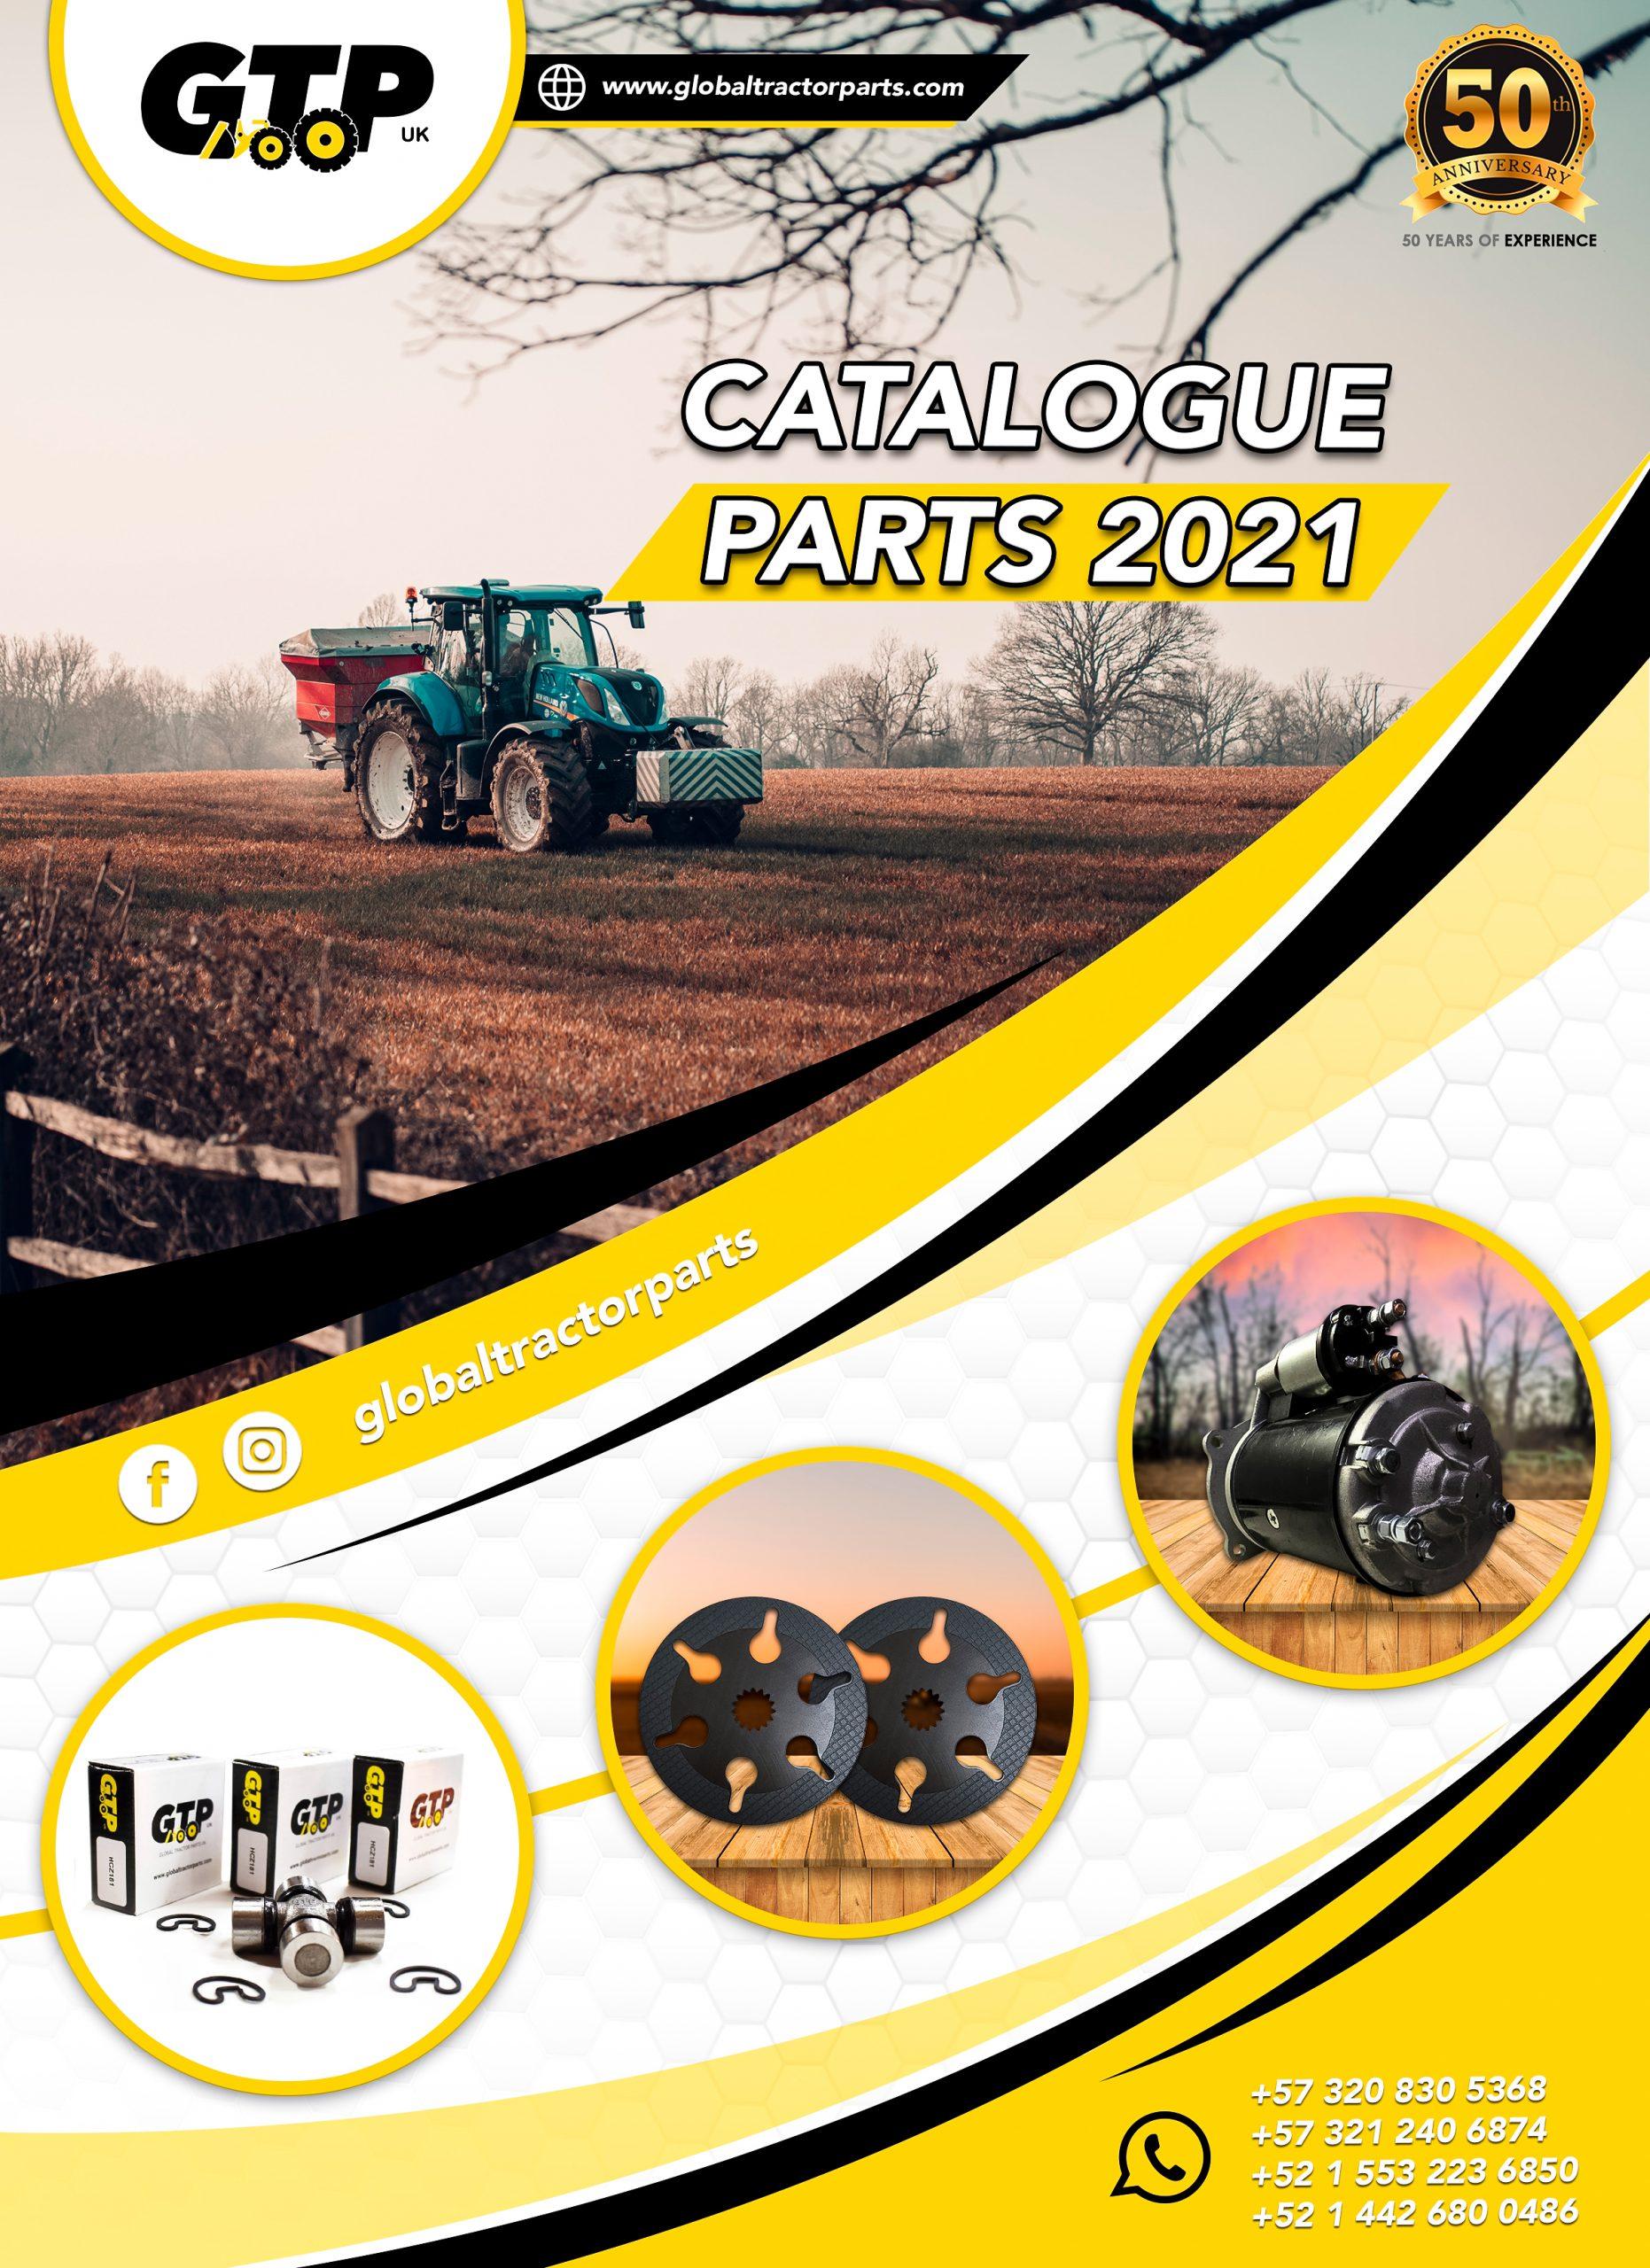 GTP repuestos para maquinaria agricola